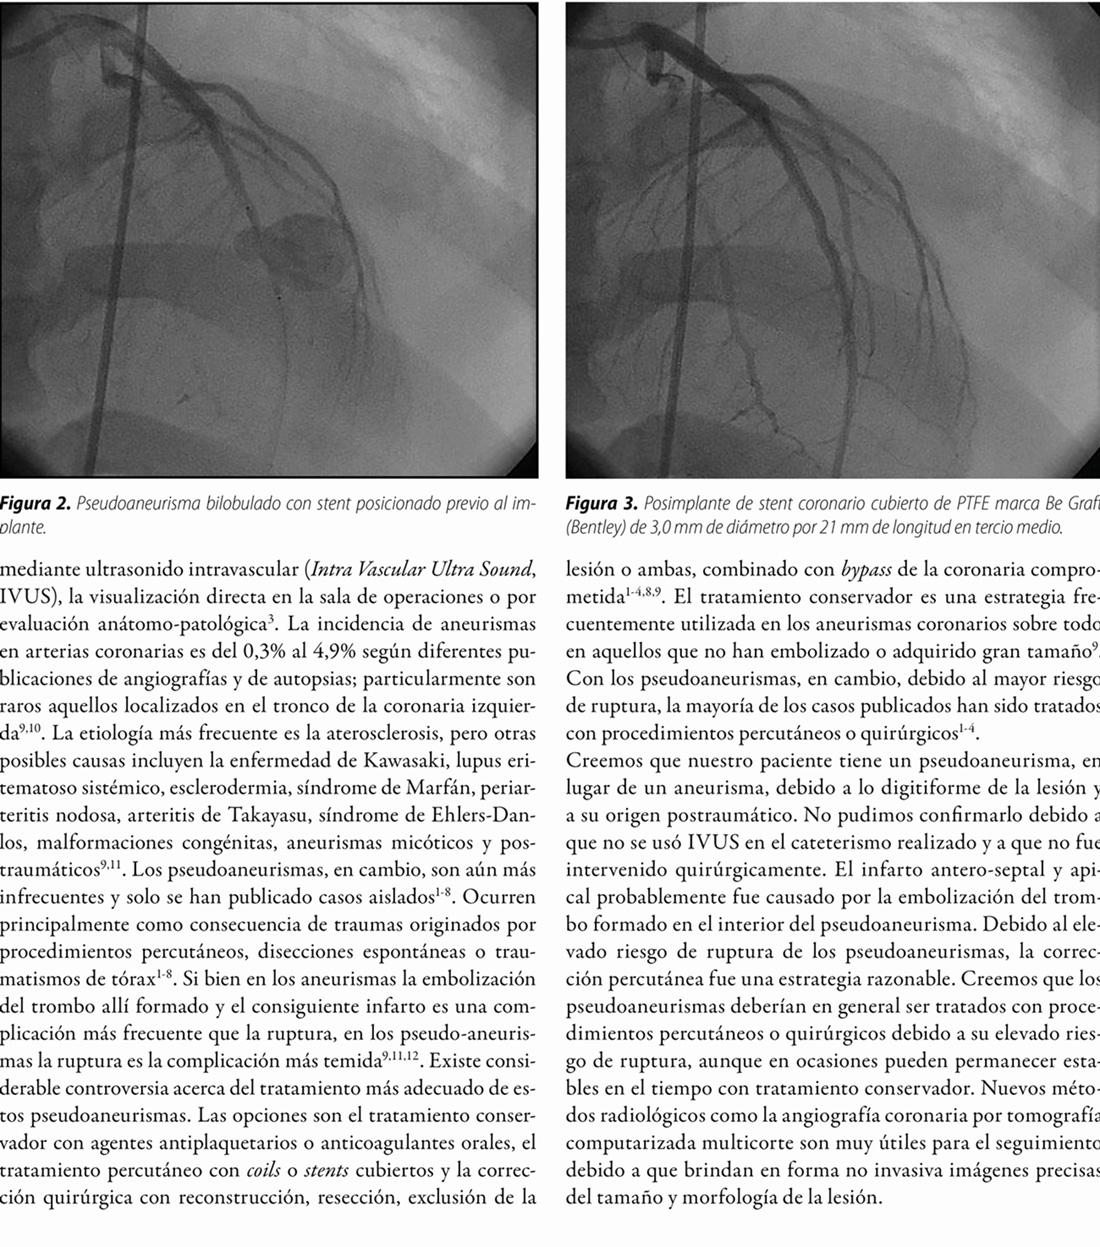 Pseudoaneurisma postraumático de arteria descendente anterior